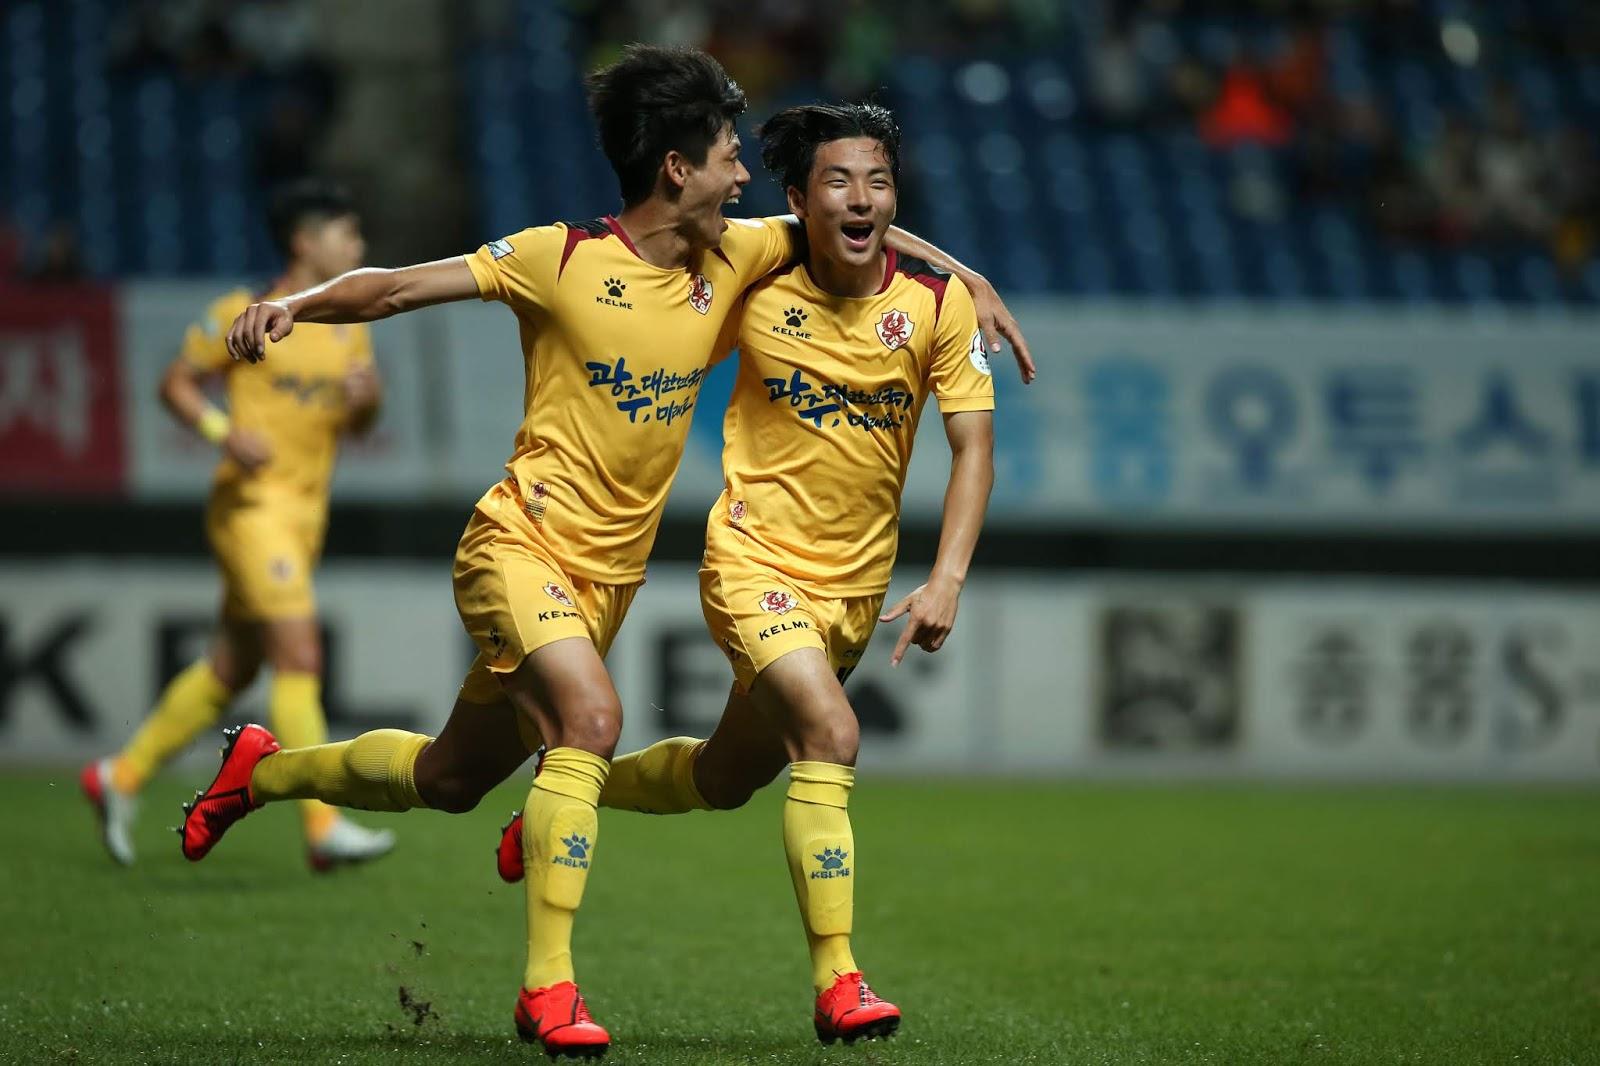 Gwangju vs Ansan 10.01.19, Lim Min-hyuk scores the winner from a free kick in the first half.